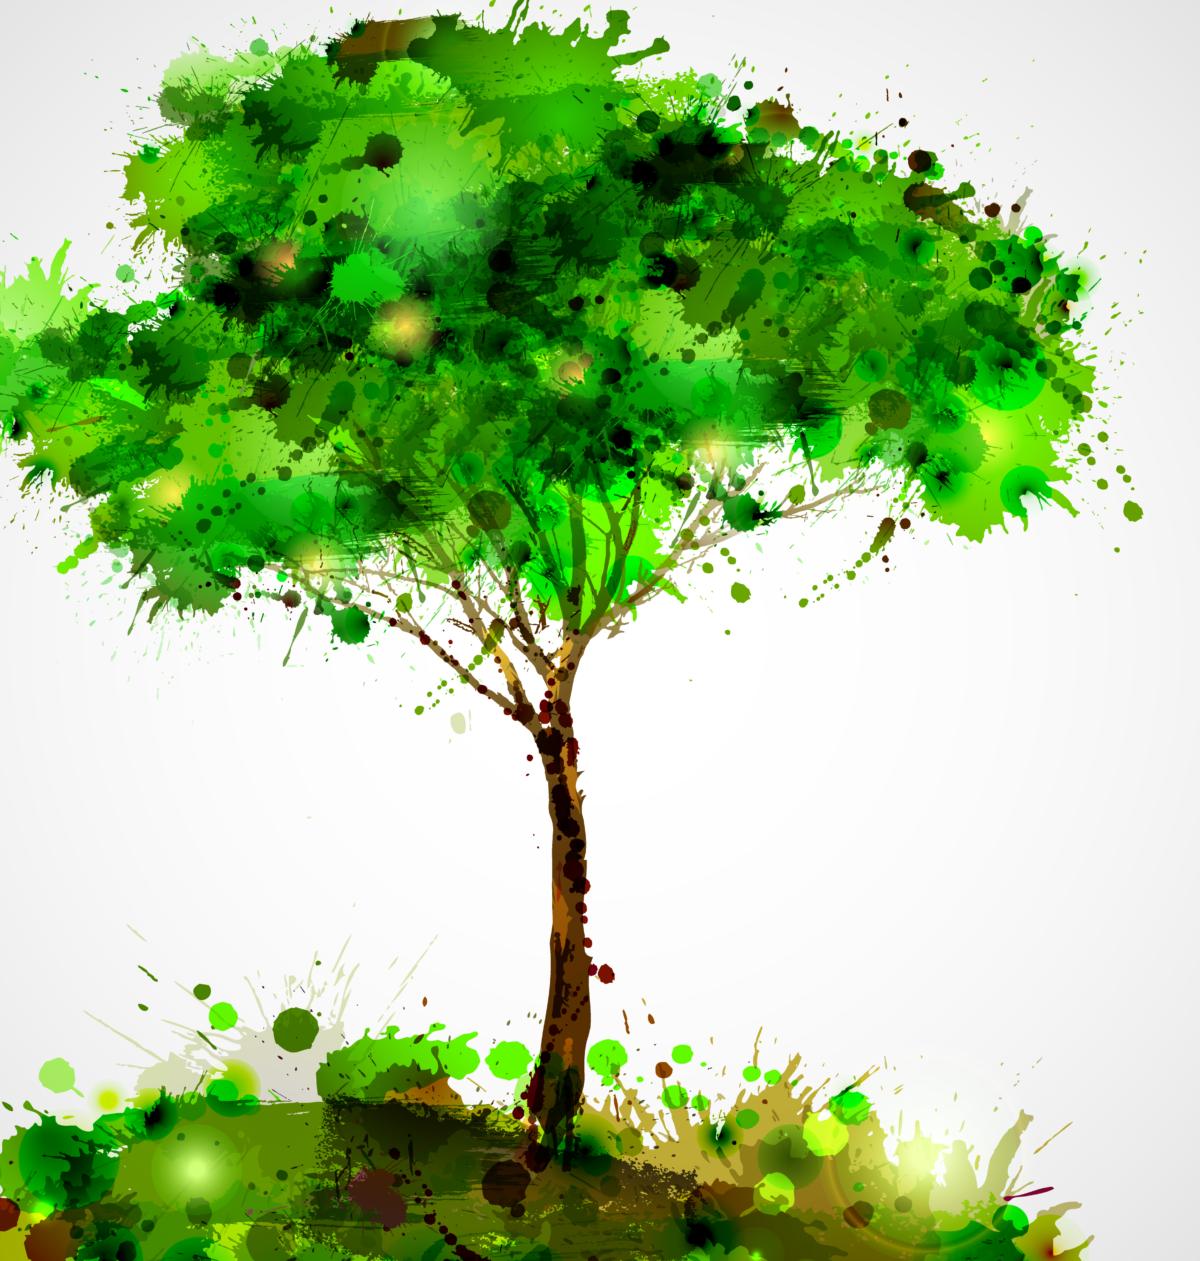 【樹木葬を検討されている方へ】樹木葬のメリット・デメリット